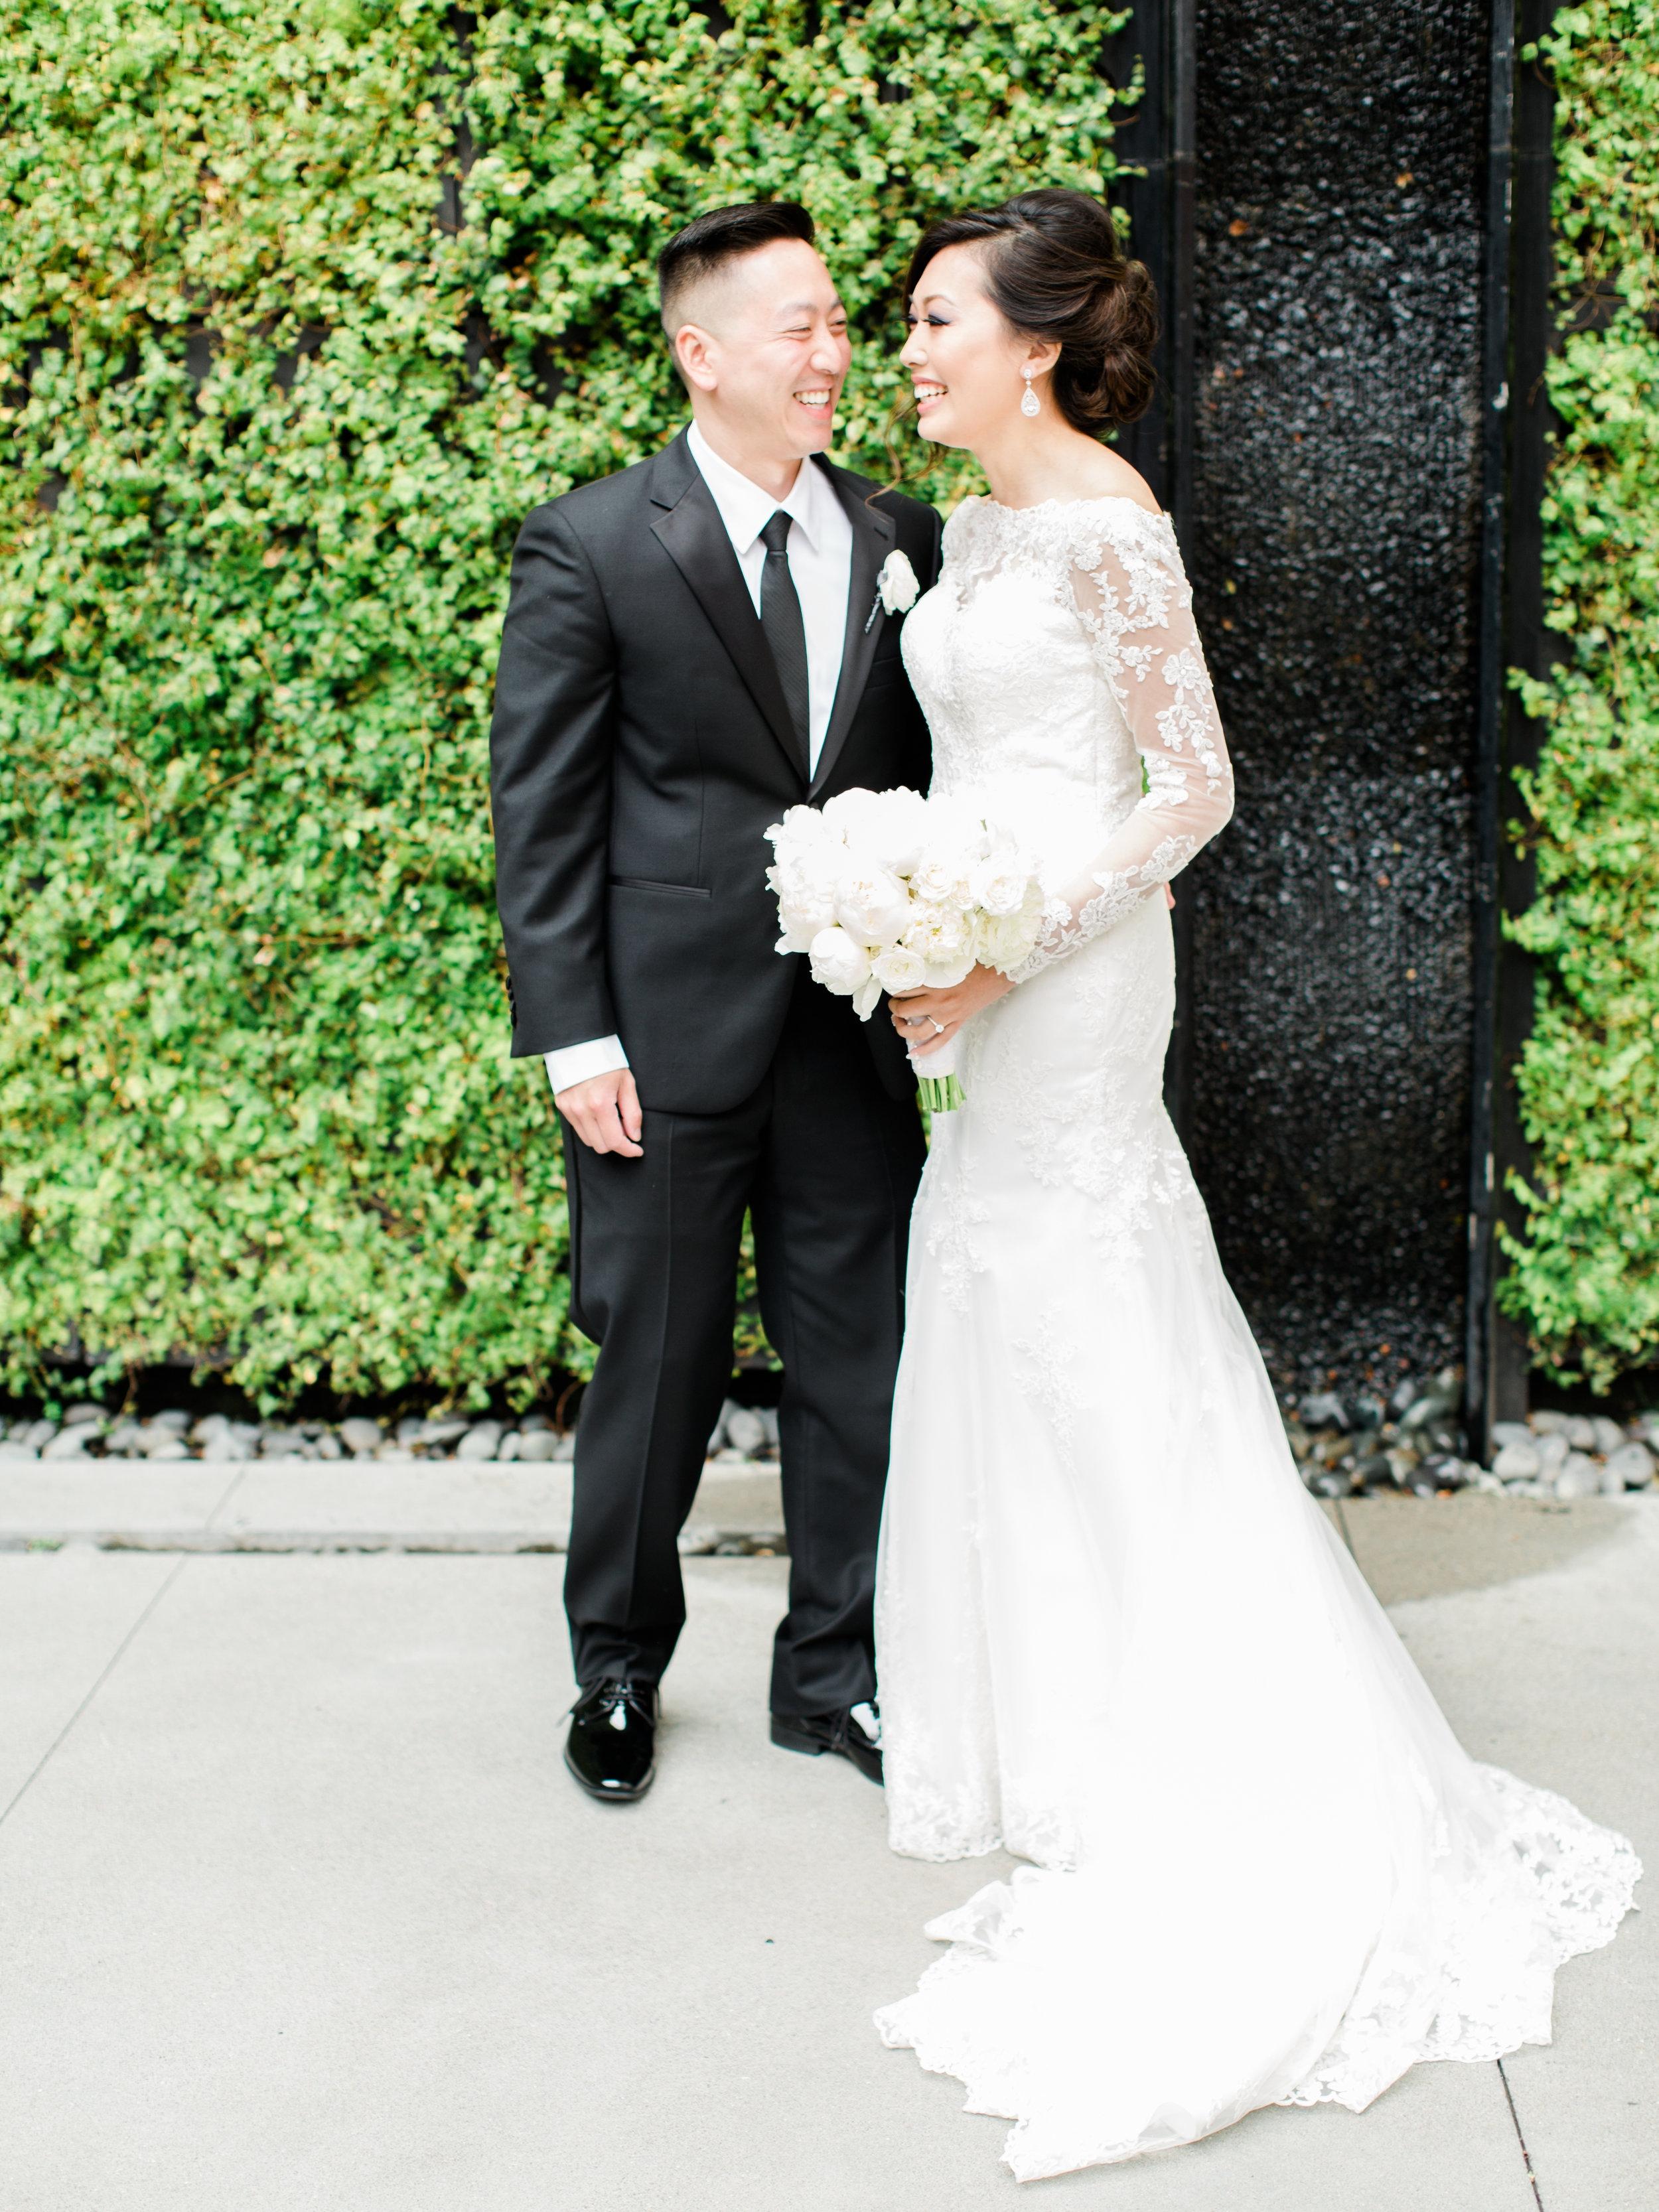 Ng+Wedding+San+Francisco+First+Look-56.jpg